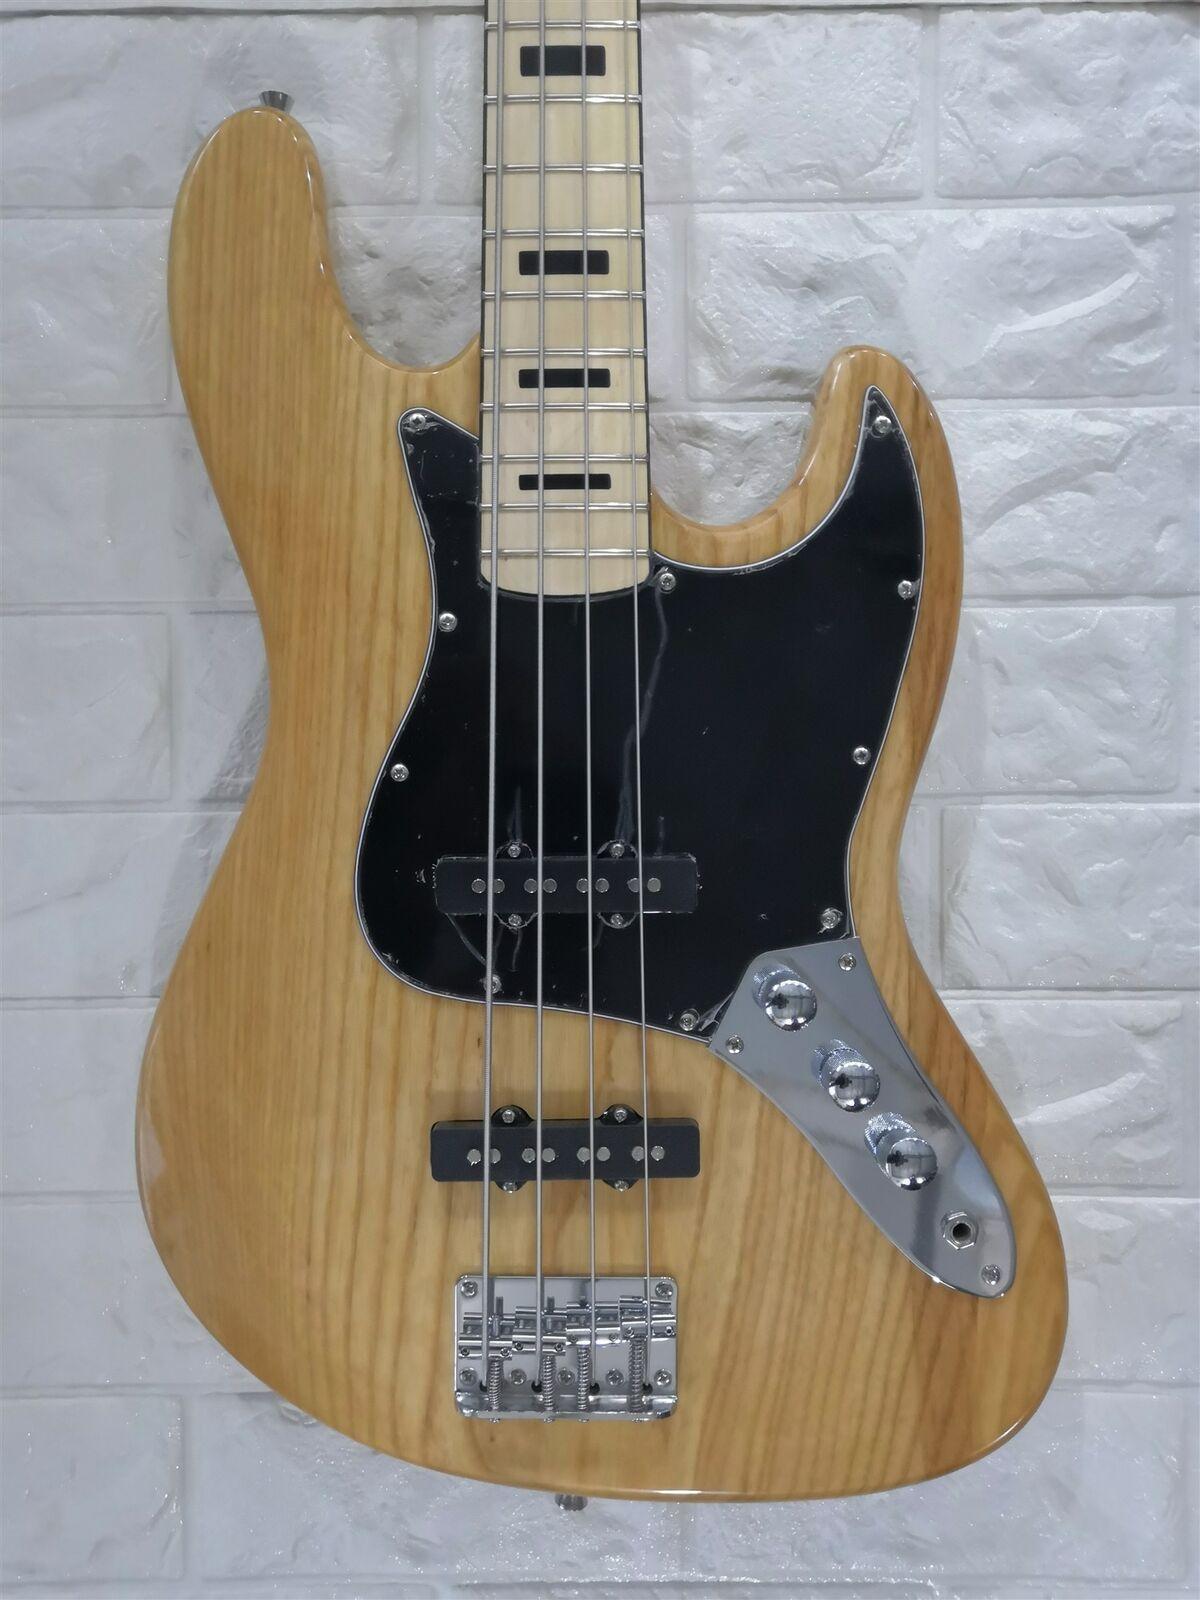 Yeni Elektrik Bas Gitar Caz Bas 4 Strings Doğal Renk Krom Donanımları